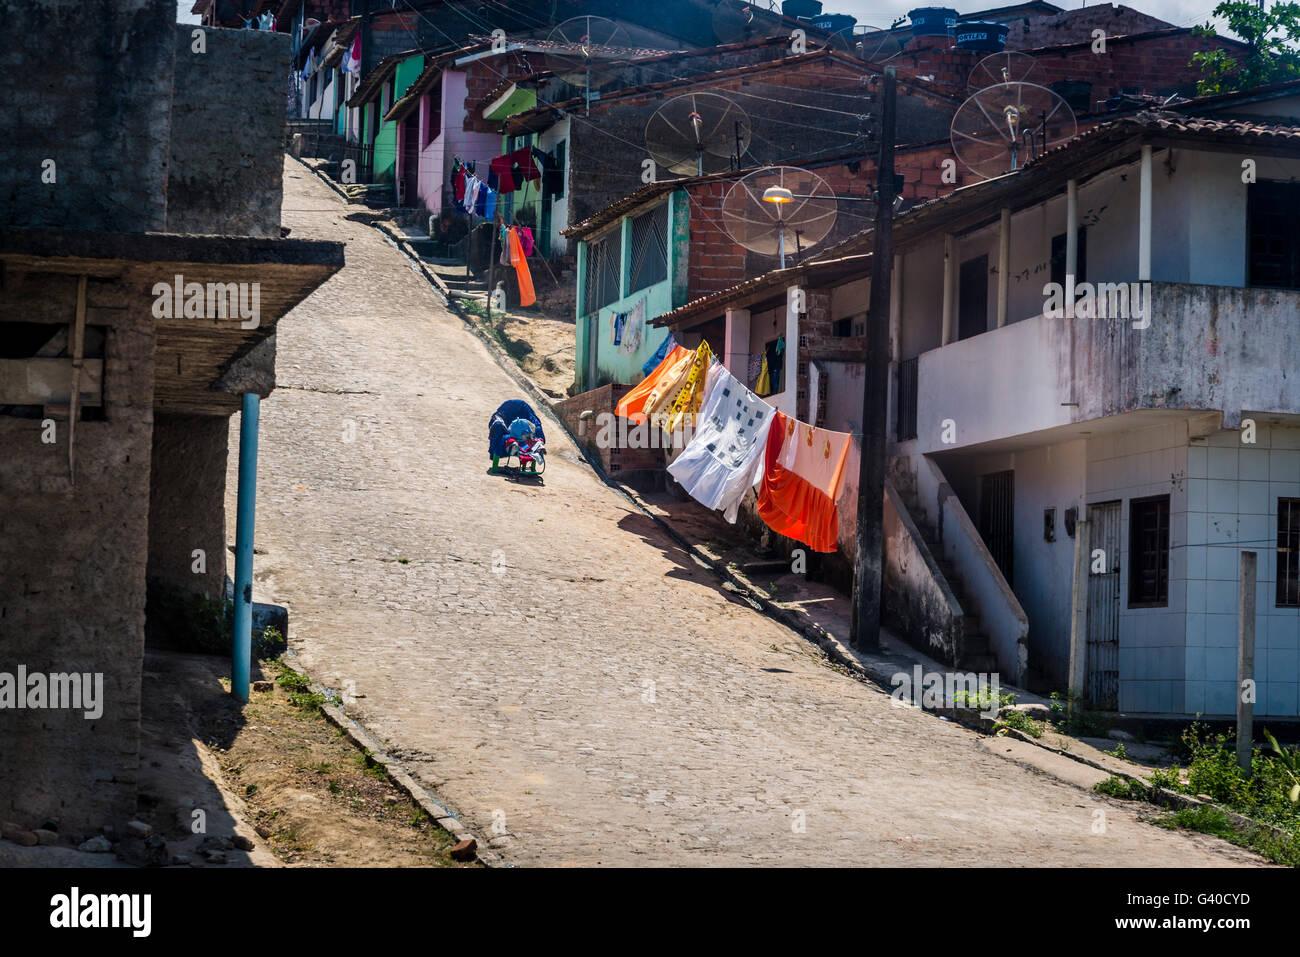 Barrio pobre por autopista, Alagoas, Brasil Imagen De Stock